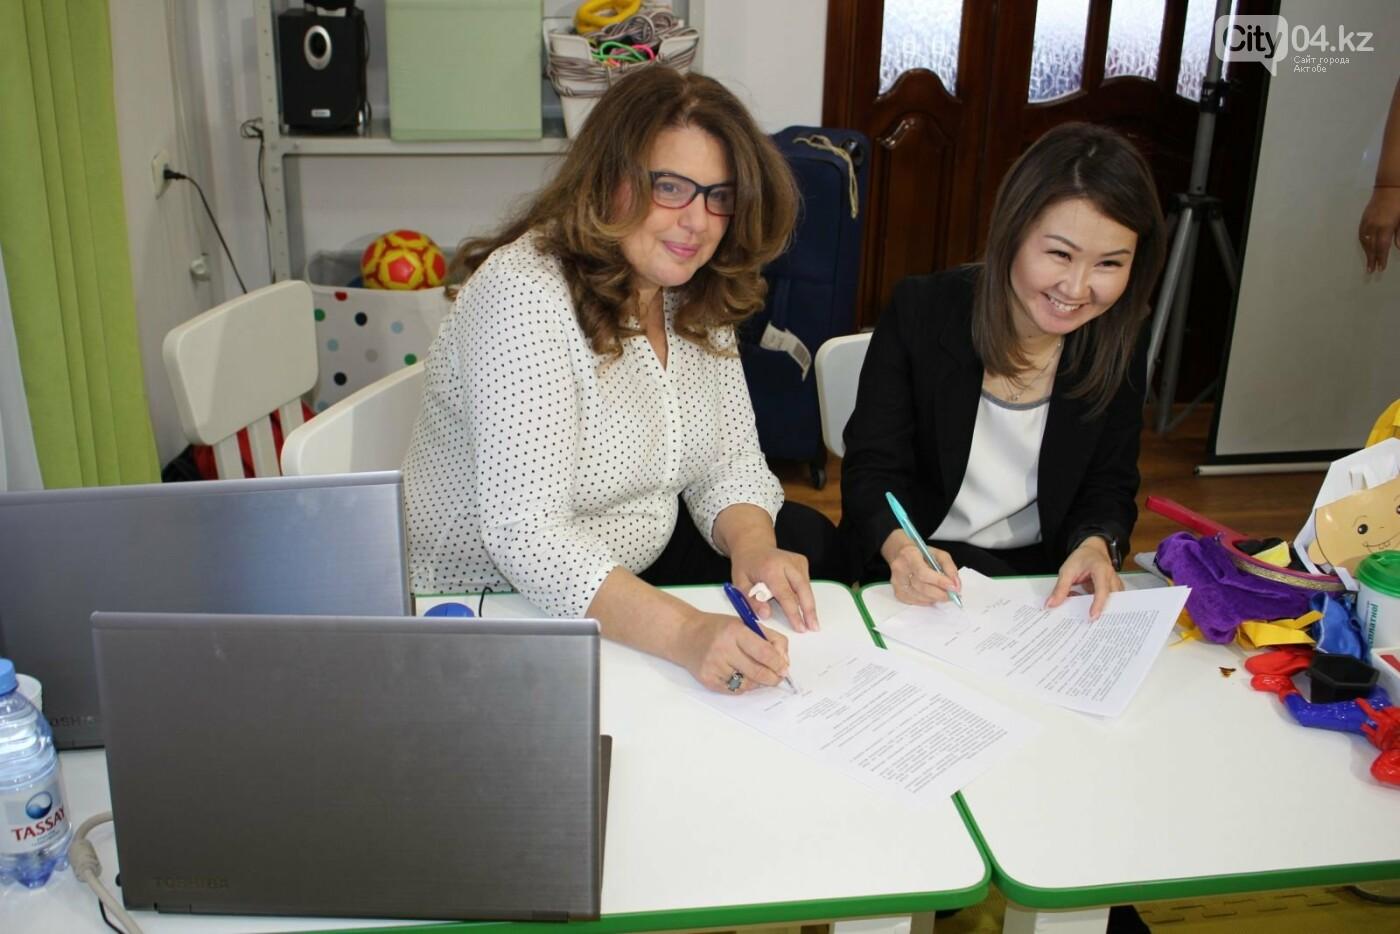 Израильские специалисты обучают сотрудников центра для особенных детей, фото-2